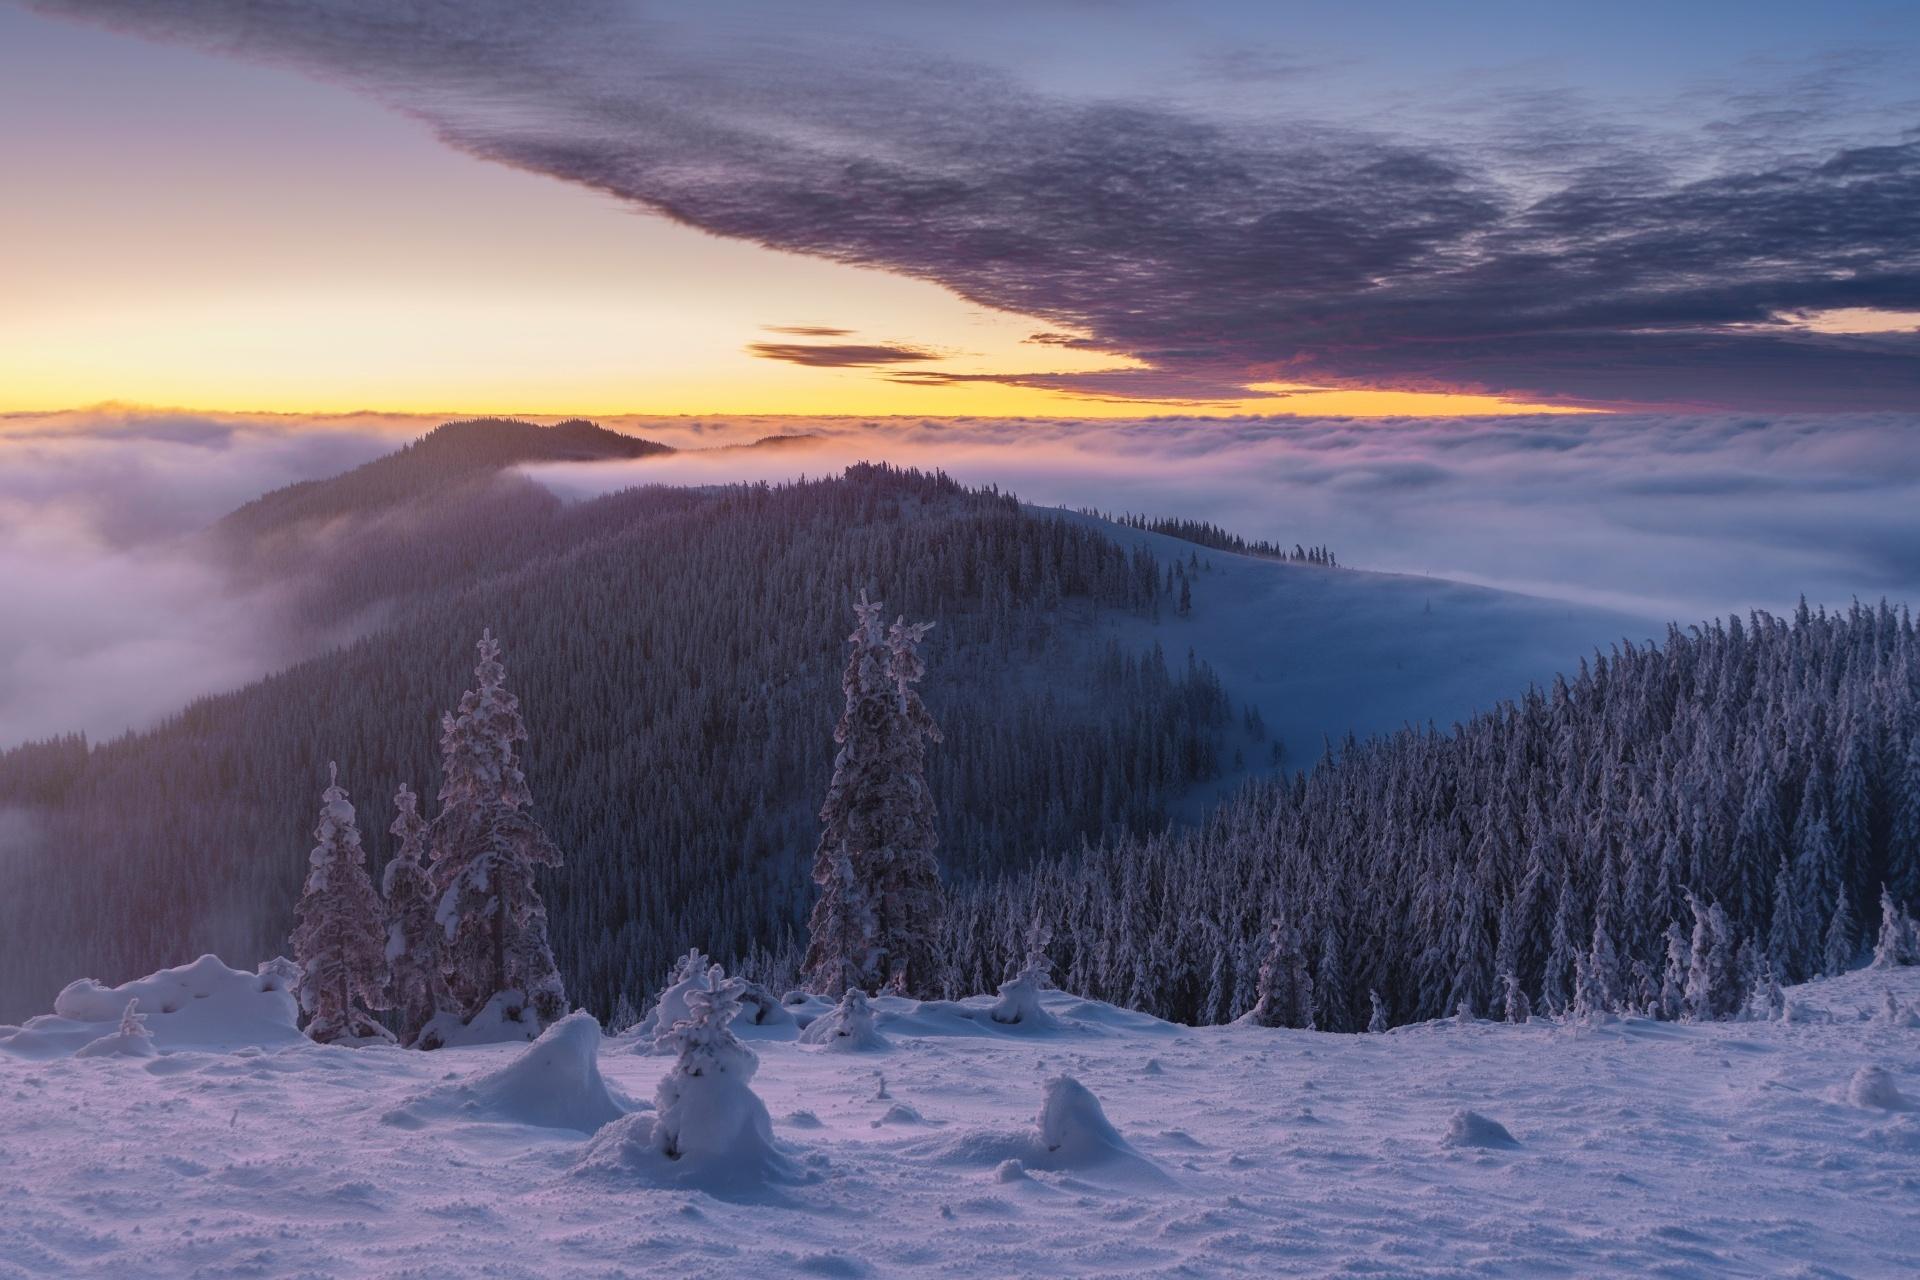 冬の夜明けの風景 ウクライナの風景